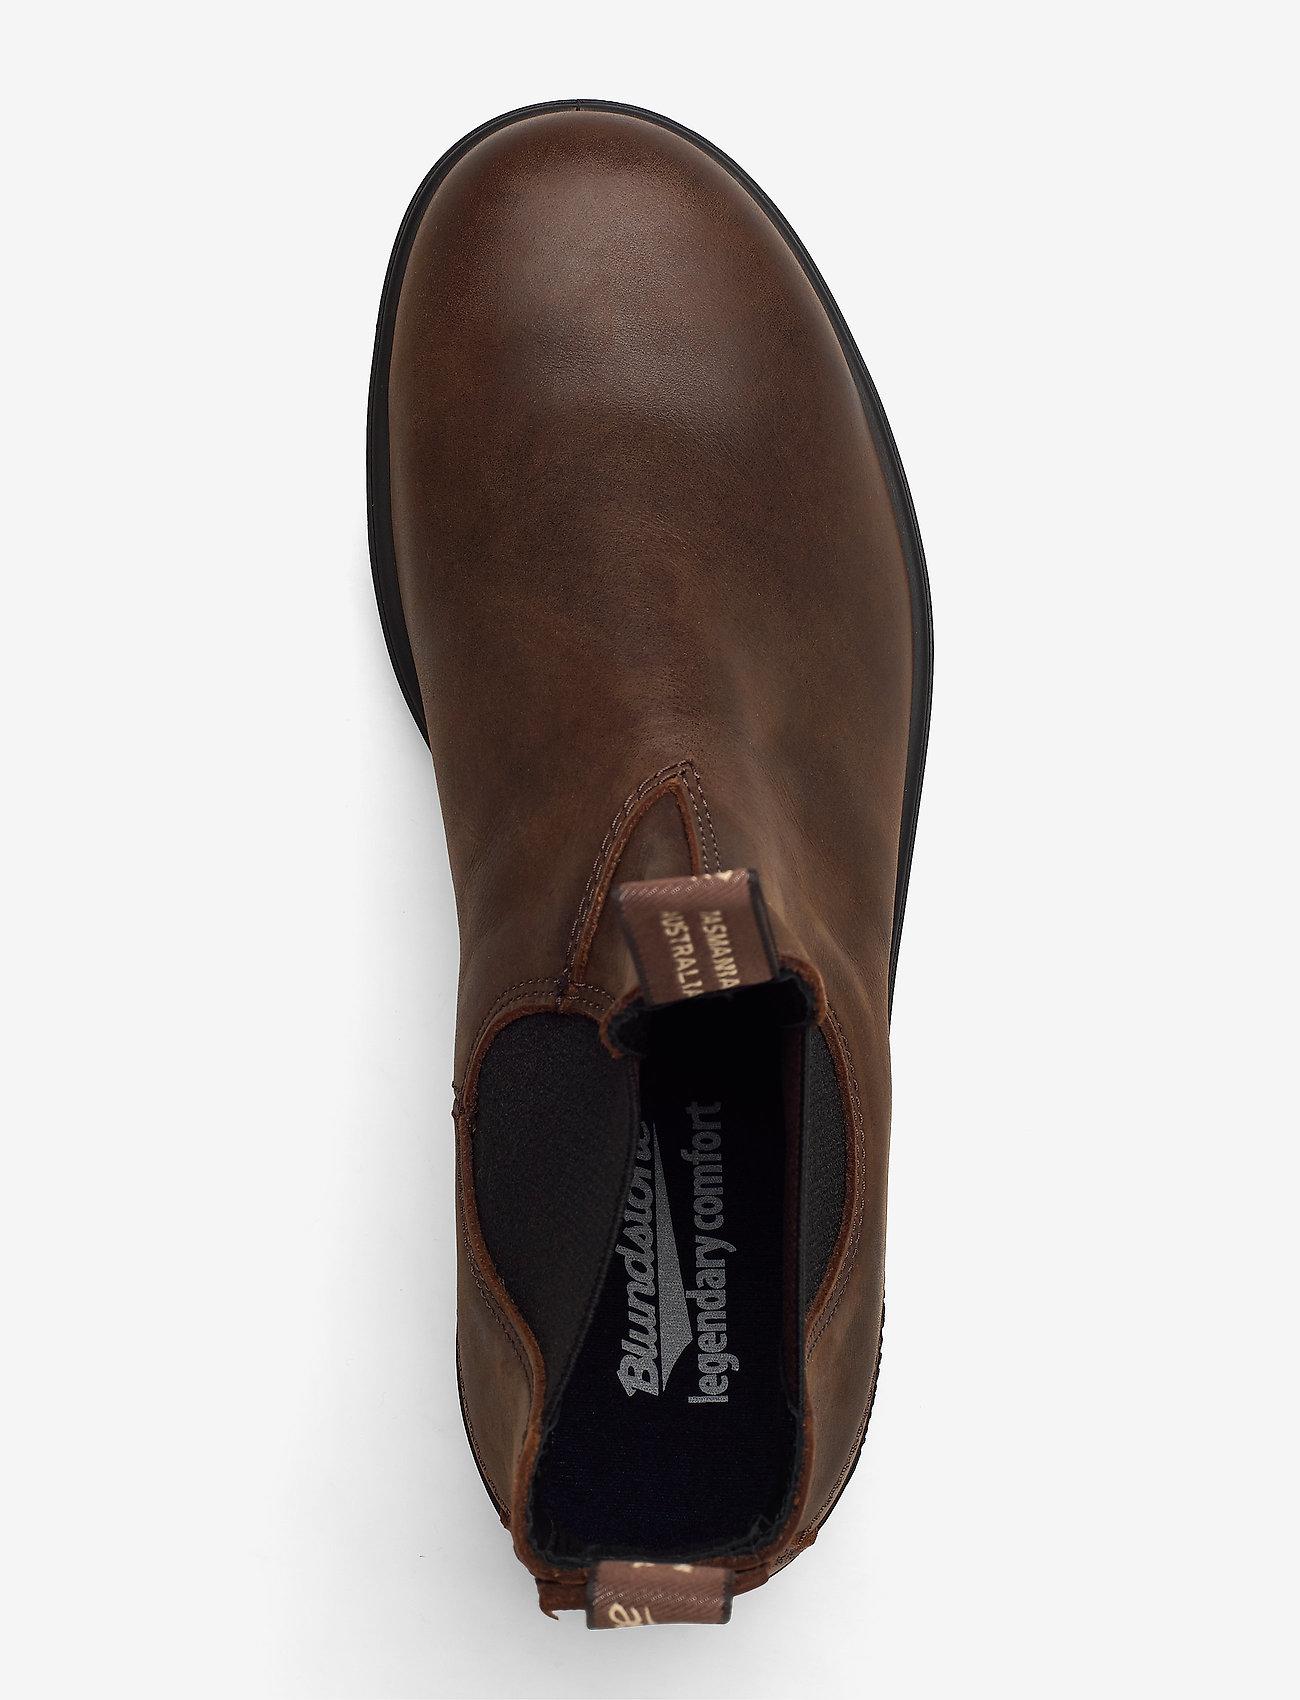 Bl Classic Comfort (pu/tpu Sole) (Antique Brown) (1400 kr) - Blundstone